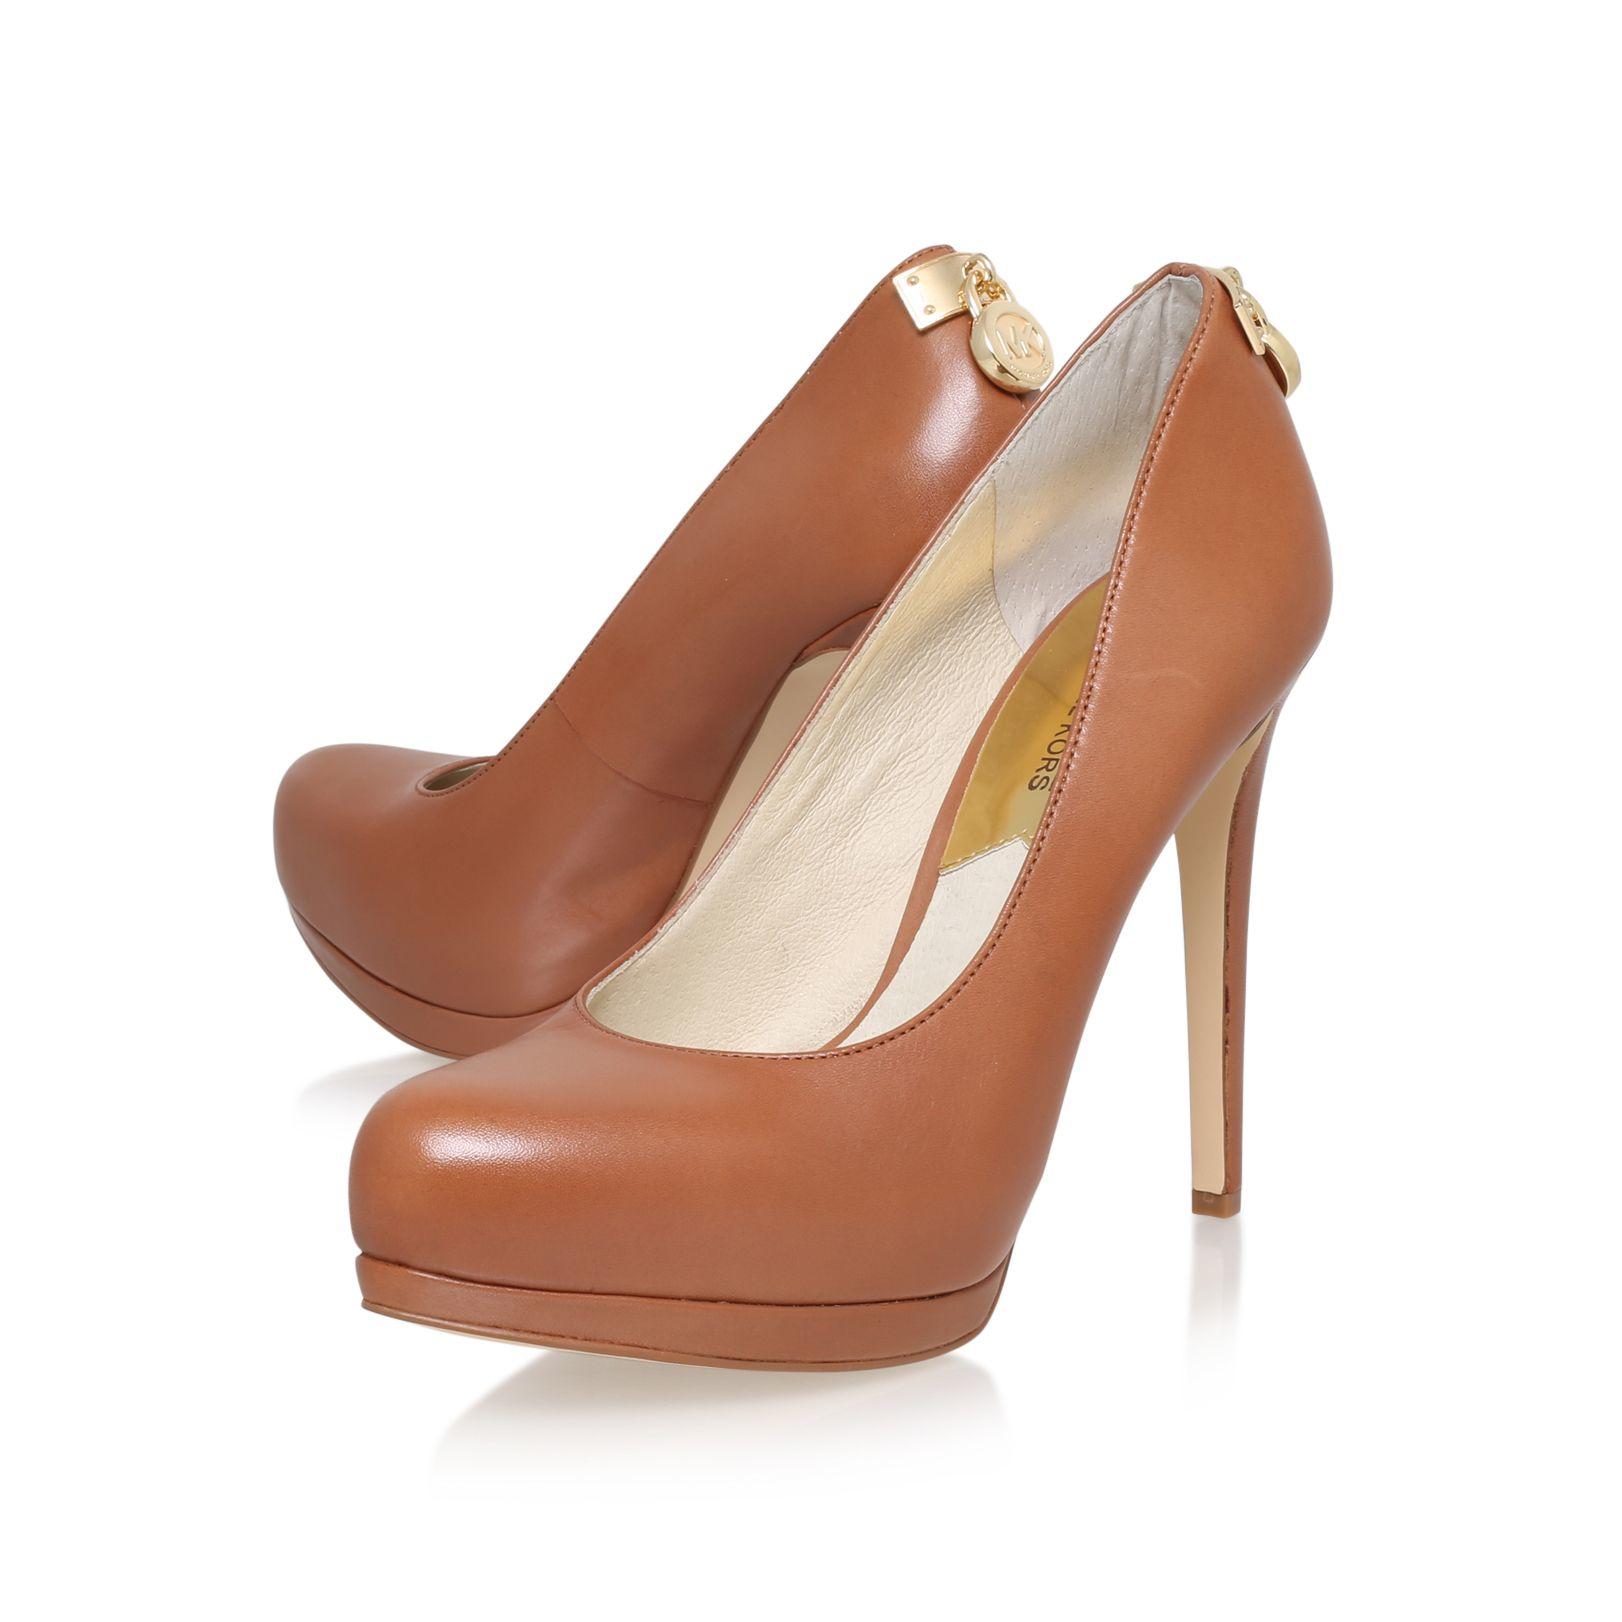 caaed301d10d michael kors hamilton high heels macys wallet mens